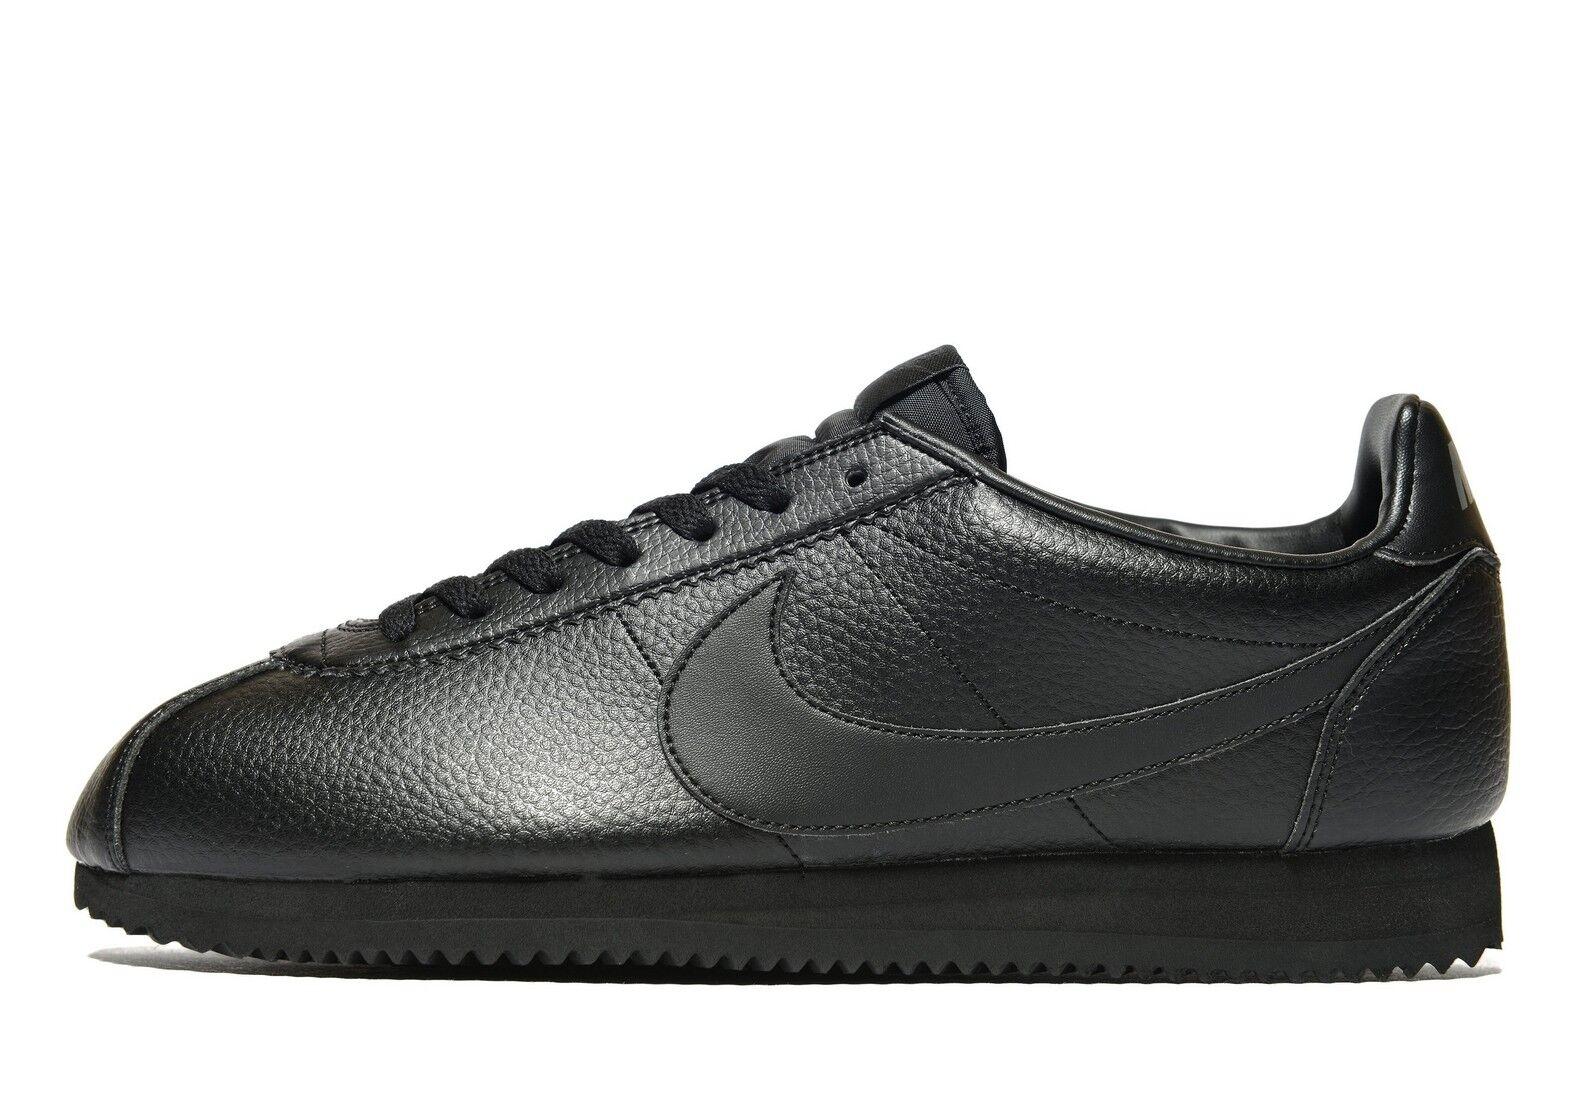 Authentic Nuovo di Zecca Nike Classic Cortez da Uomo Pelle (Misura EUR 45) Nero